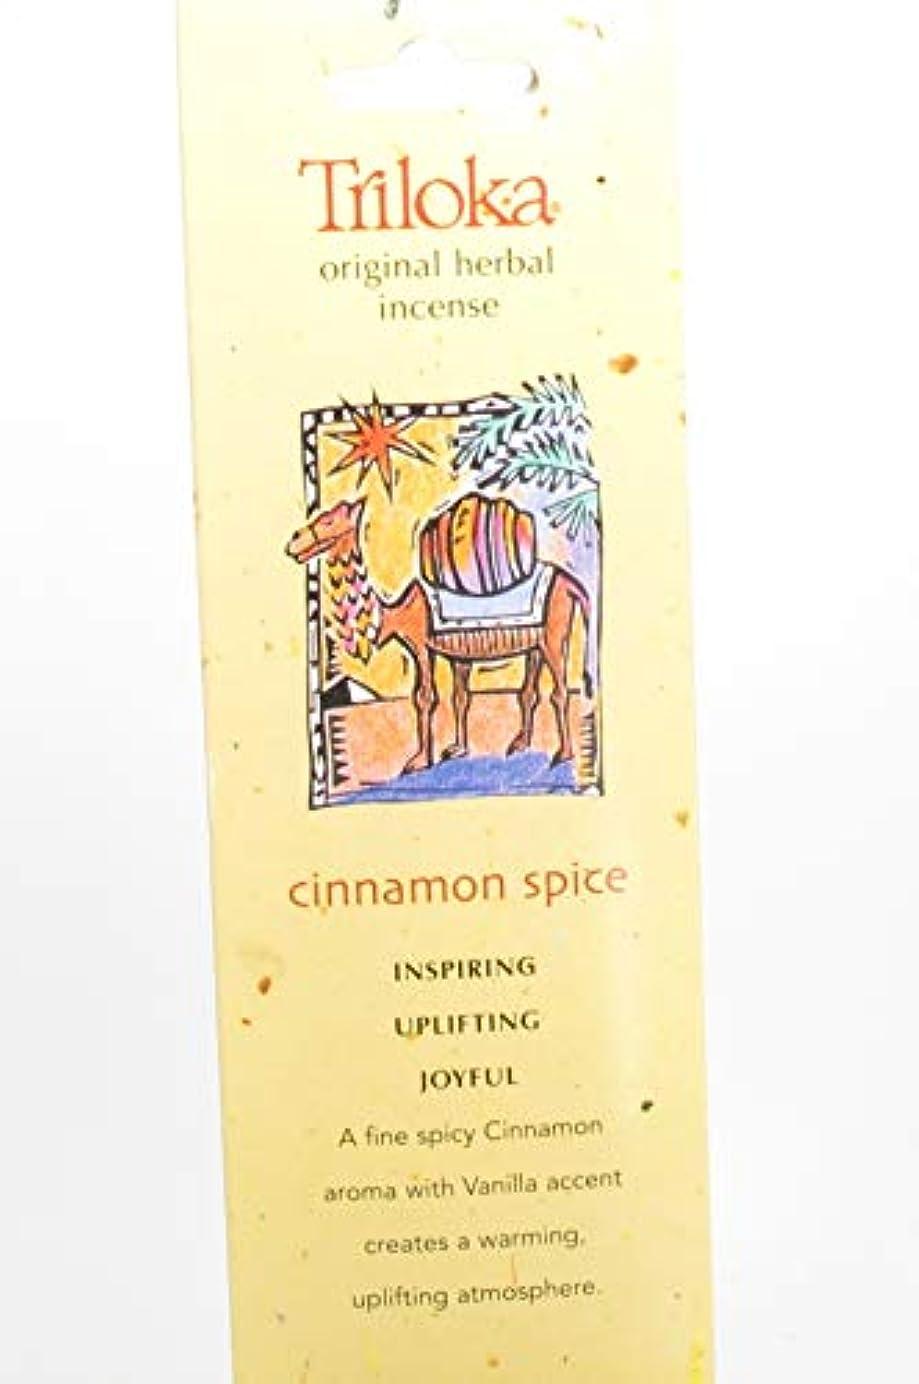 ジャンクション進化銛Cinnamon Spice – Triloka元Herbal Incense Sticks